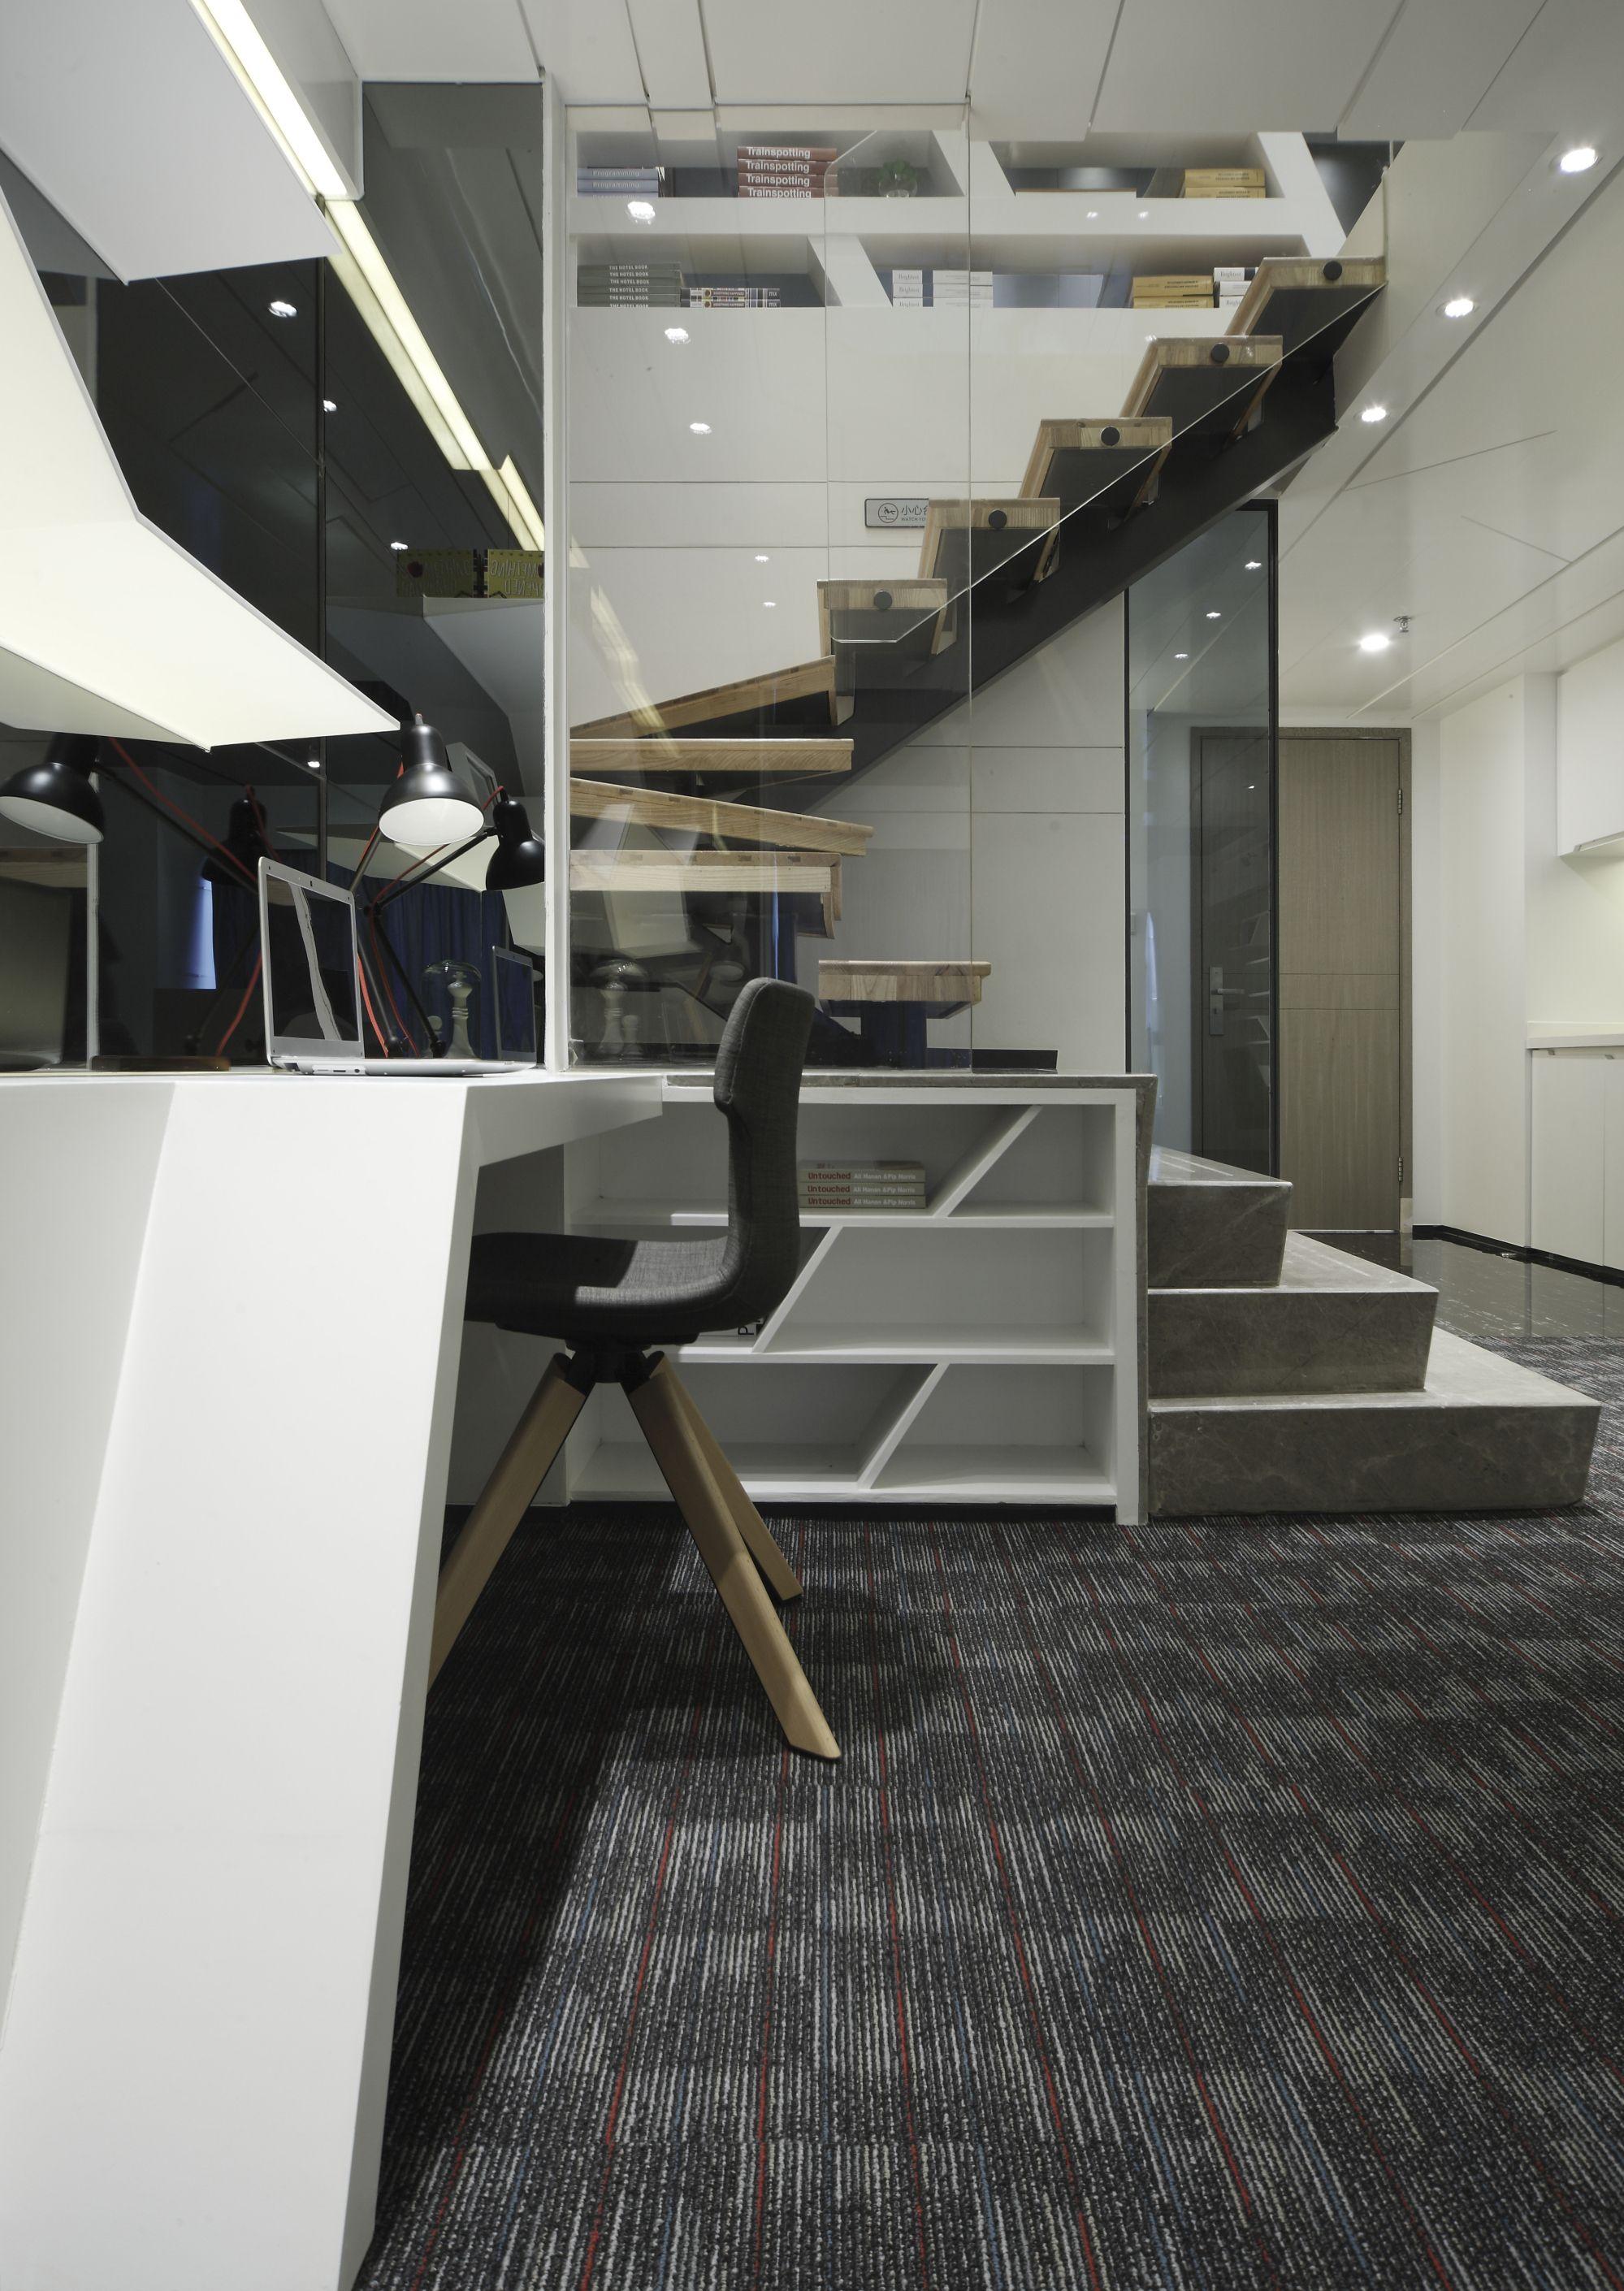 建发中央湾soho办公 - 公寓设计 - 第2页 - 刘家耀